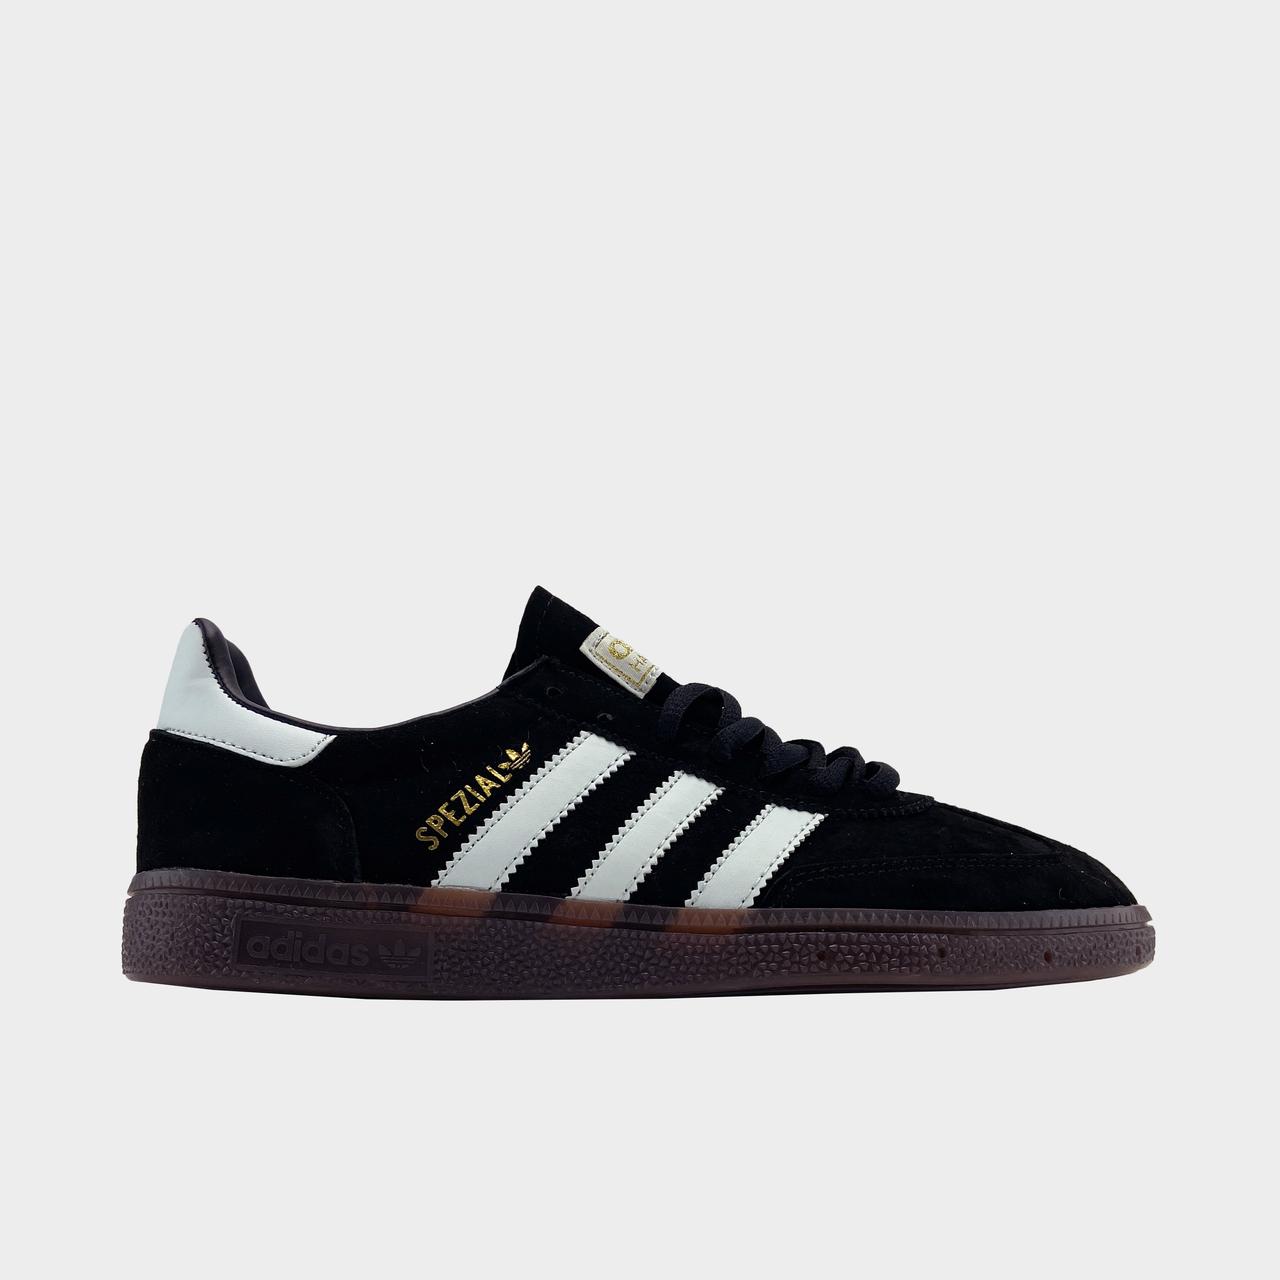 Кроссовки мужские Adidas Spezial Black White (Черный). Мужские кроссовки Адидас черного цвета.